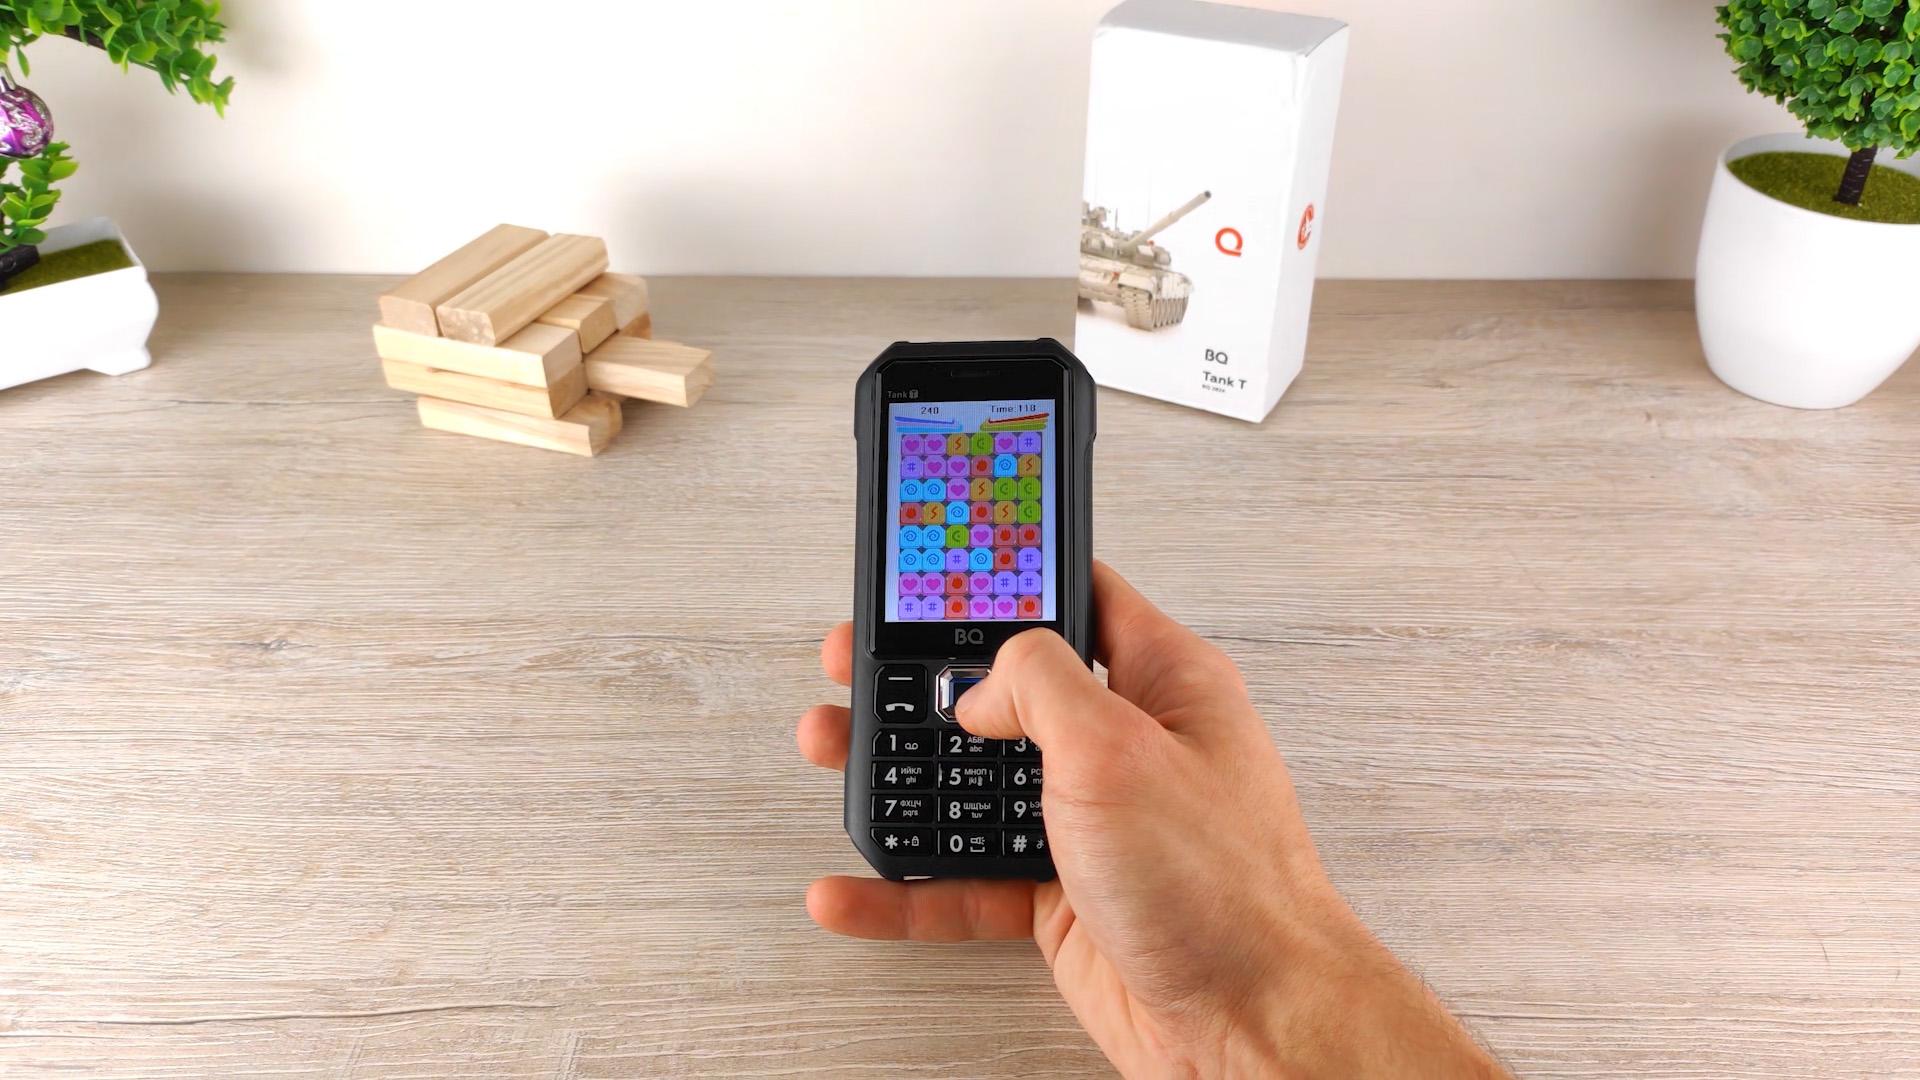 Обзор BQ Tank T игры на телефоне